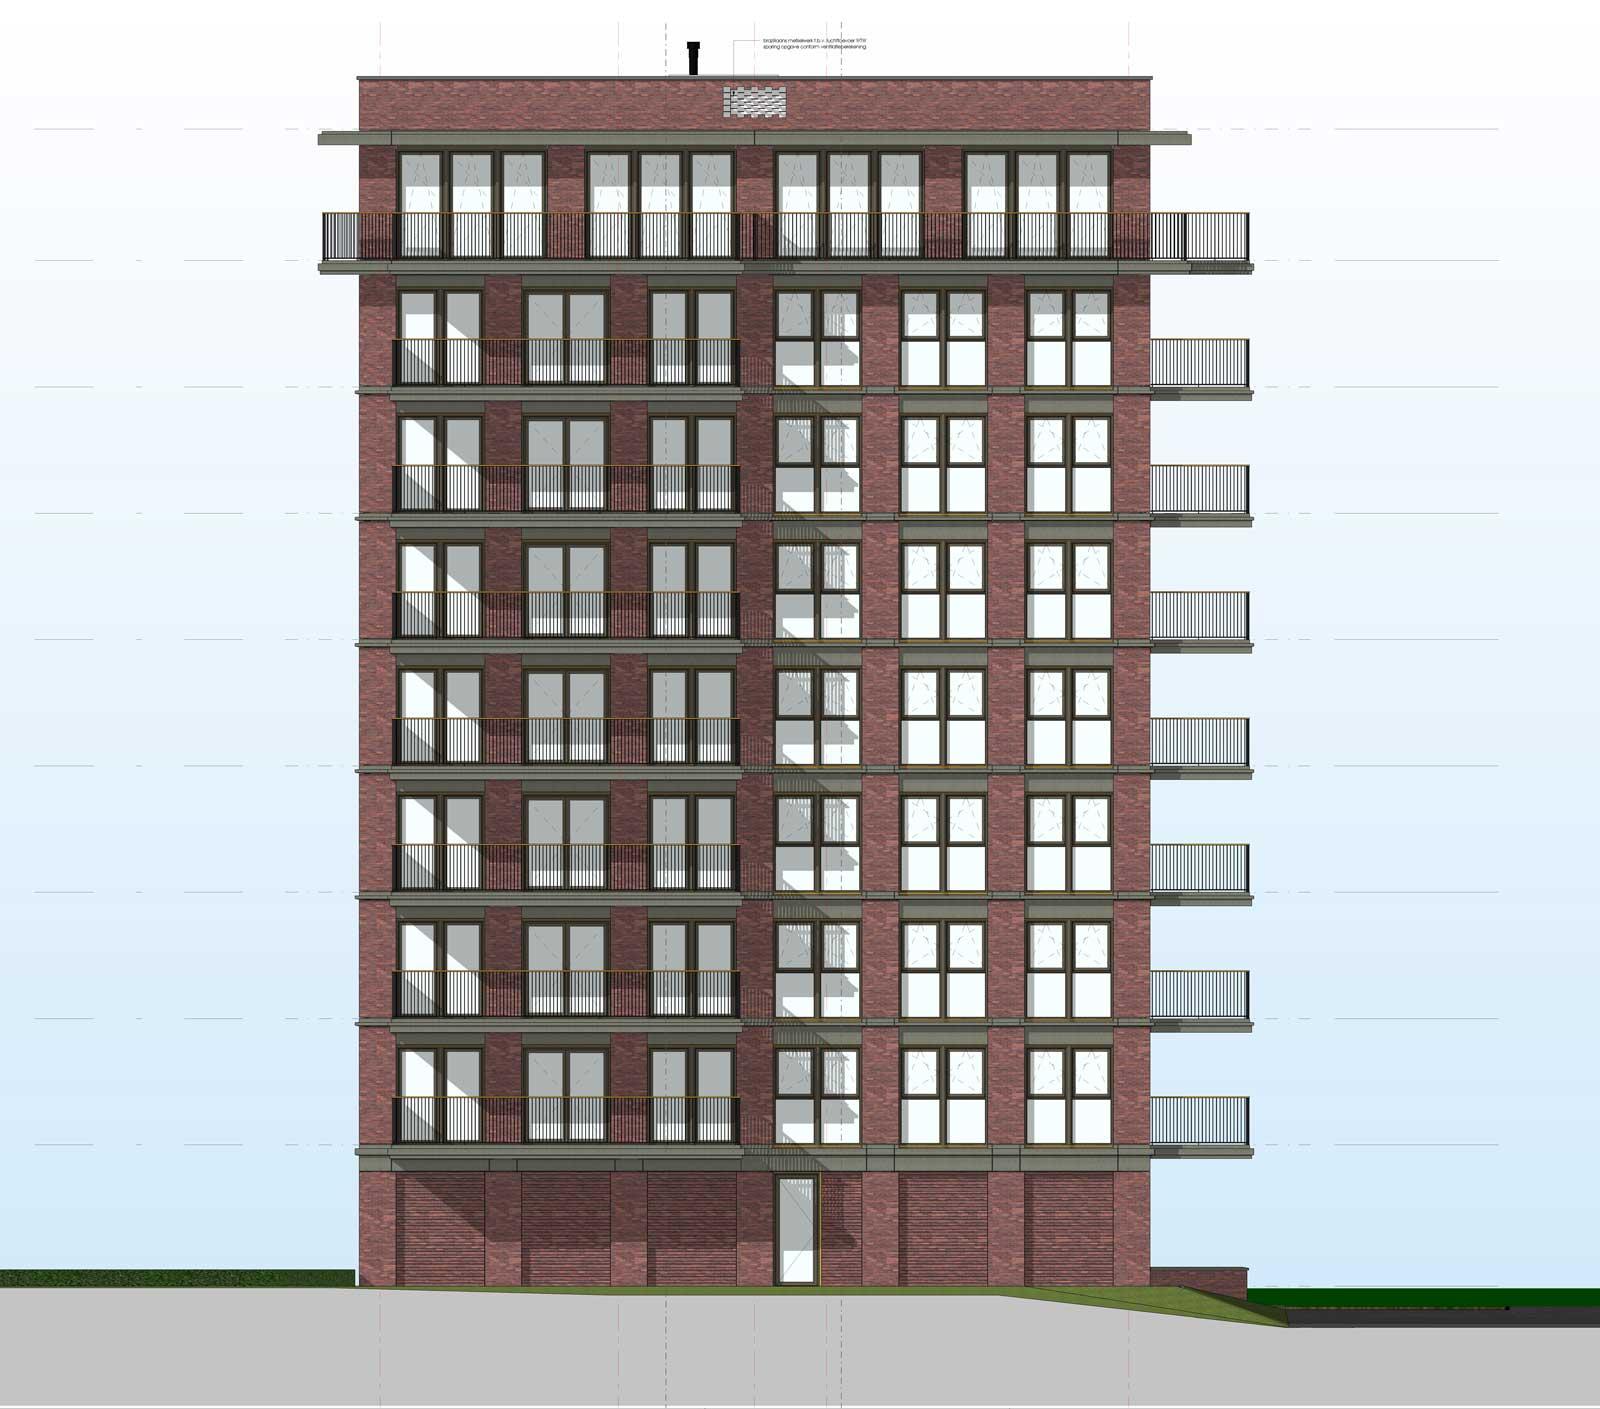 Ede residentie Enka appartementencomplex - Linker zijgevel